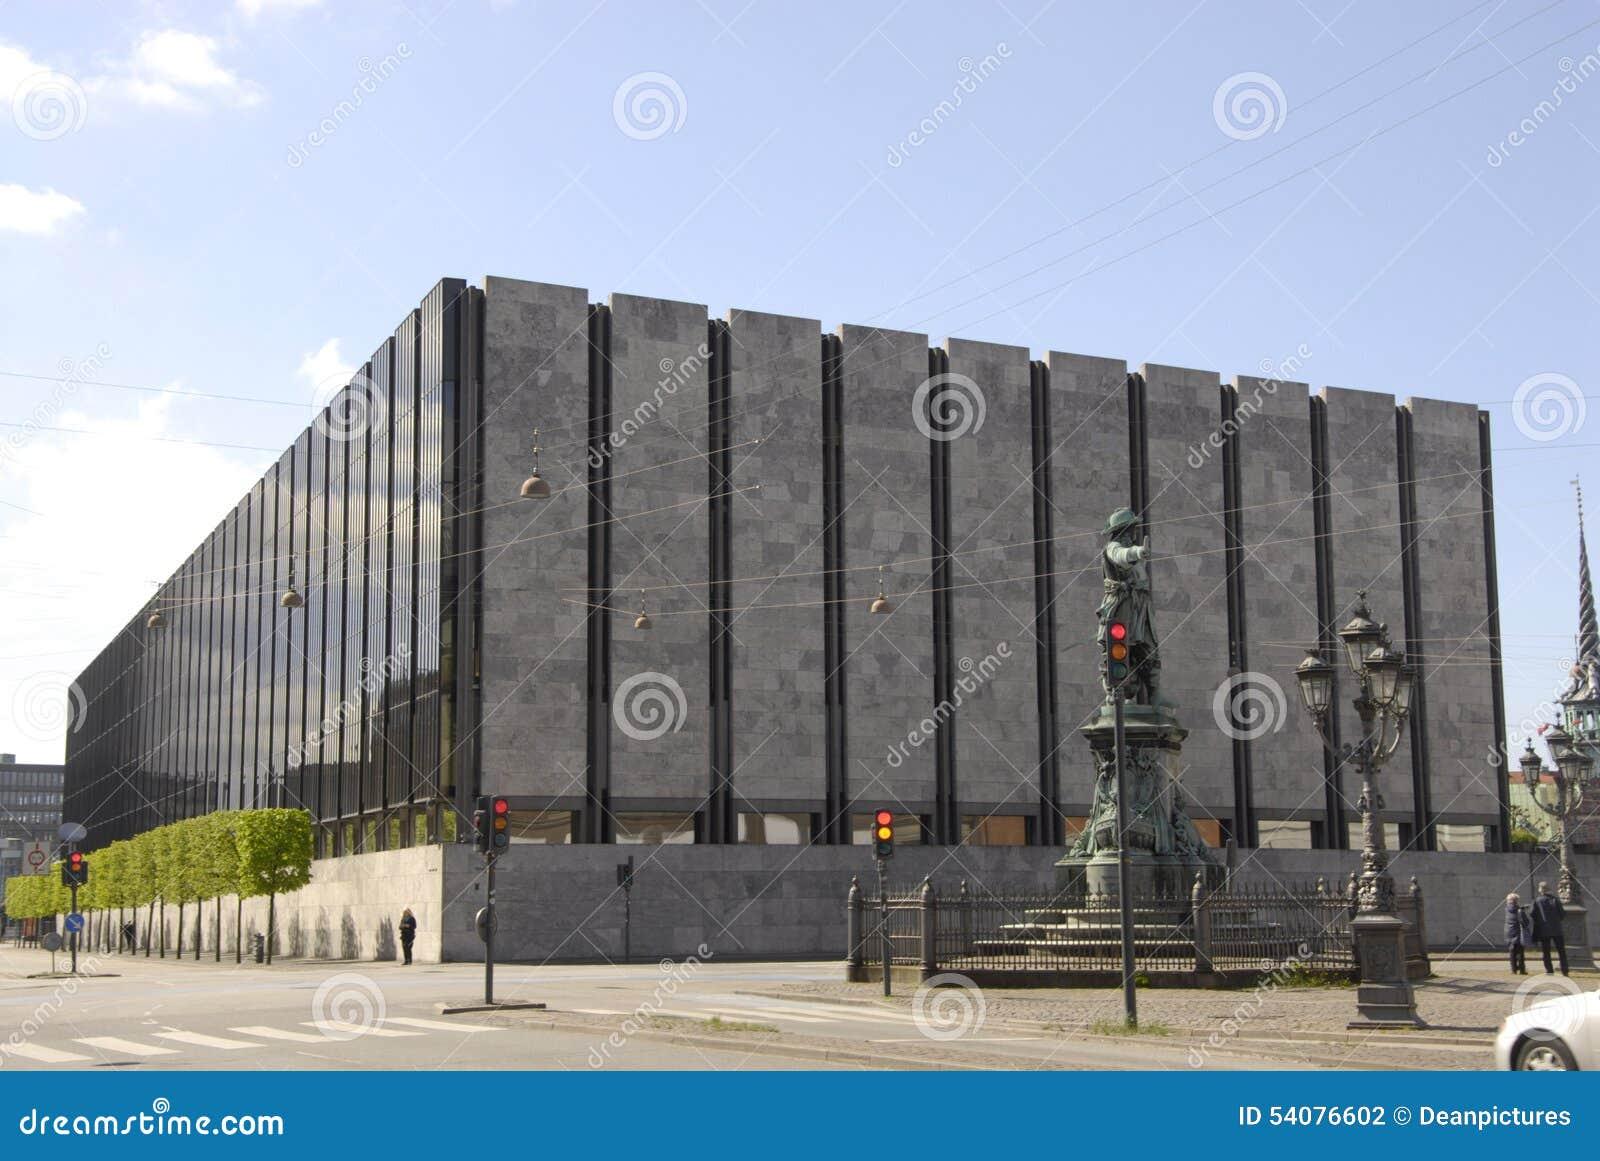 NATRIONAL BANK